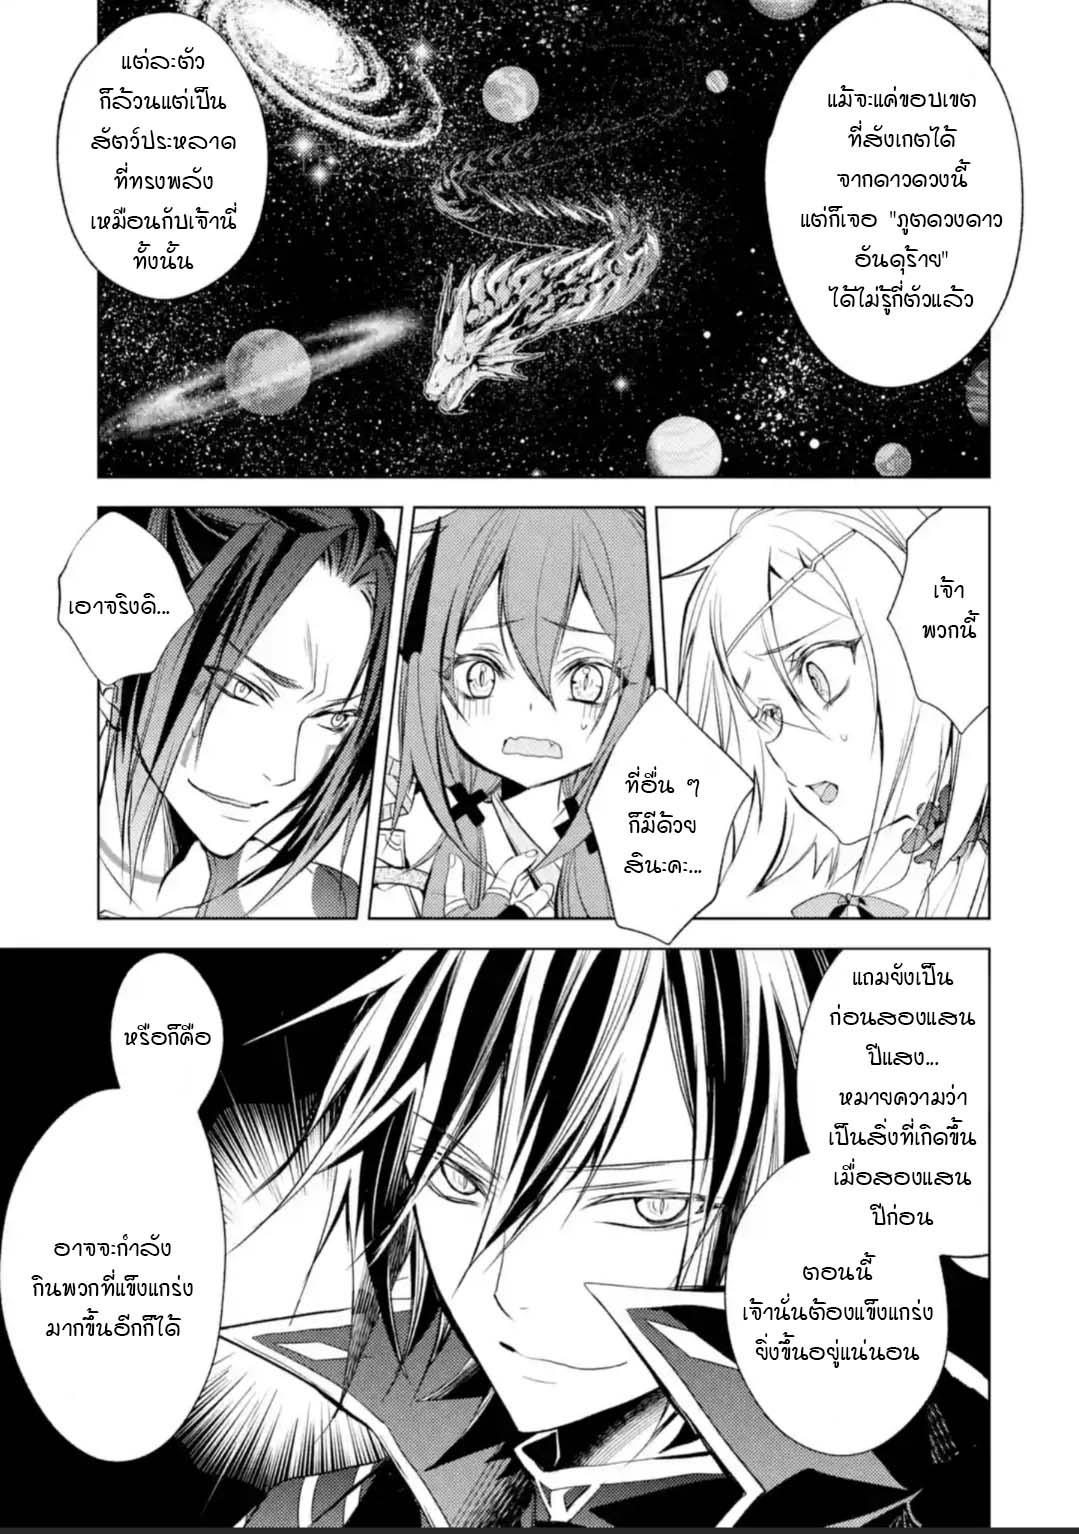 อ่านการ์ตูน Senmetsumadou no Saikyokenja ตอนที่ 8.2 หน้าที่ 4